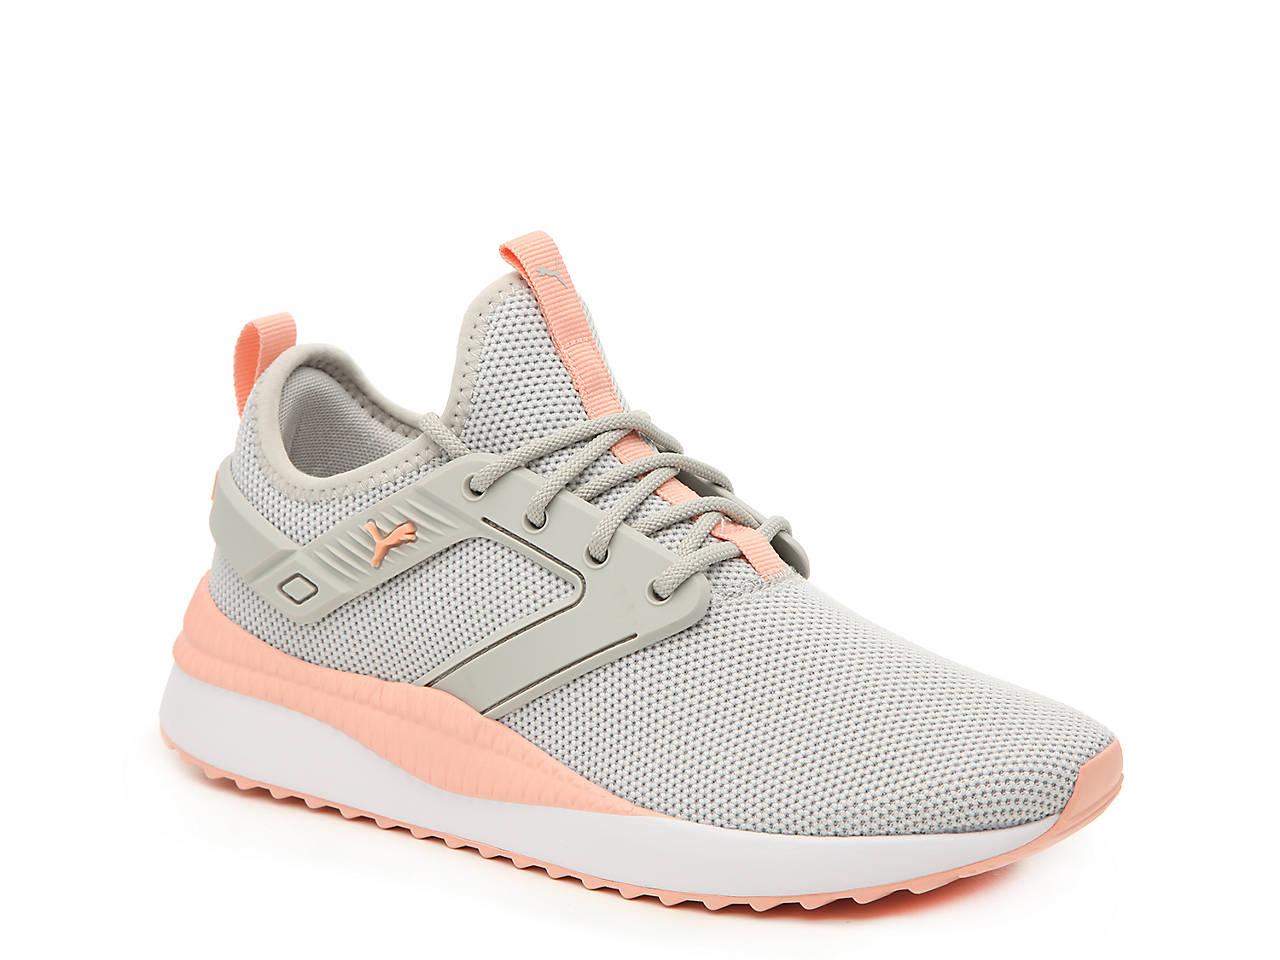 227d21125d Pacer Next Excel Training Shoe - Women's